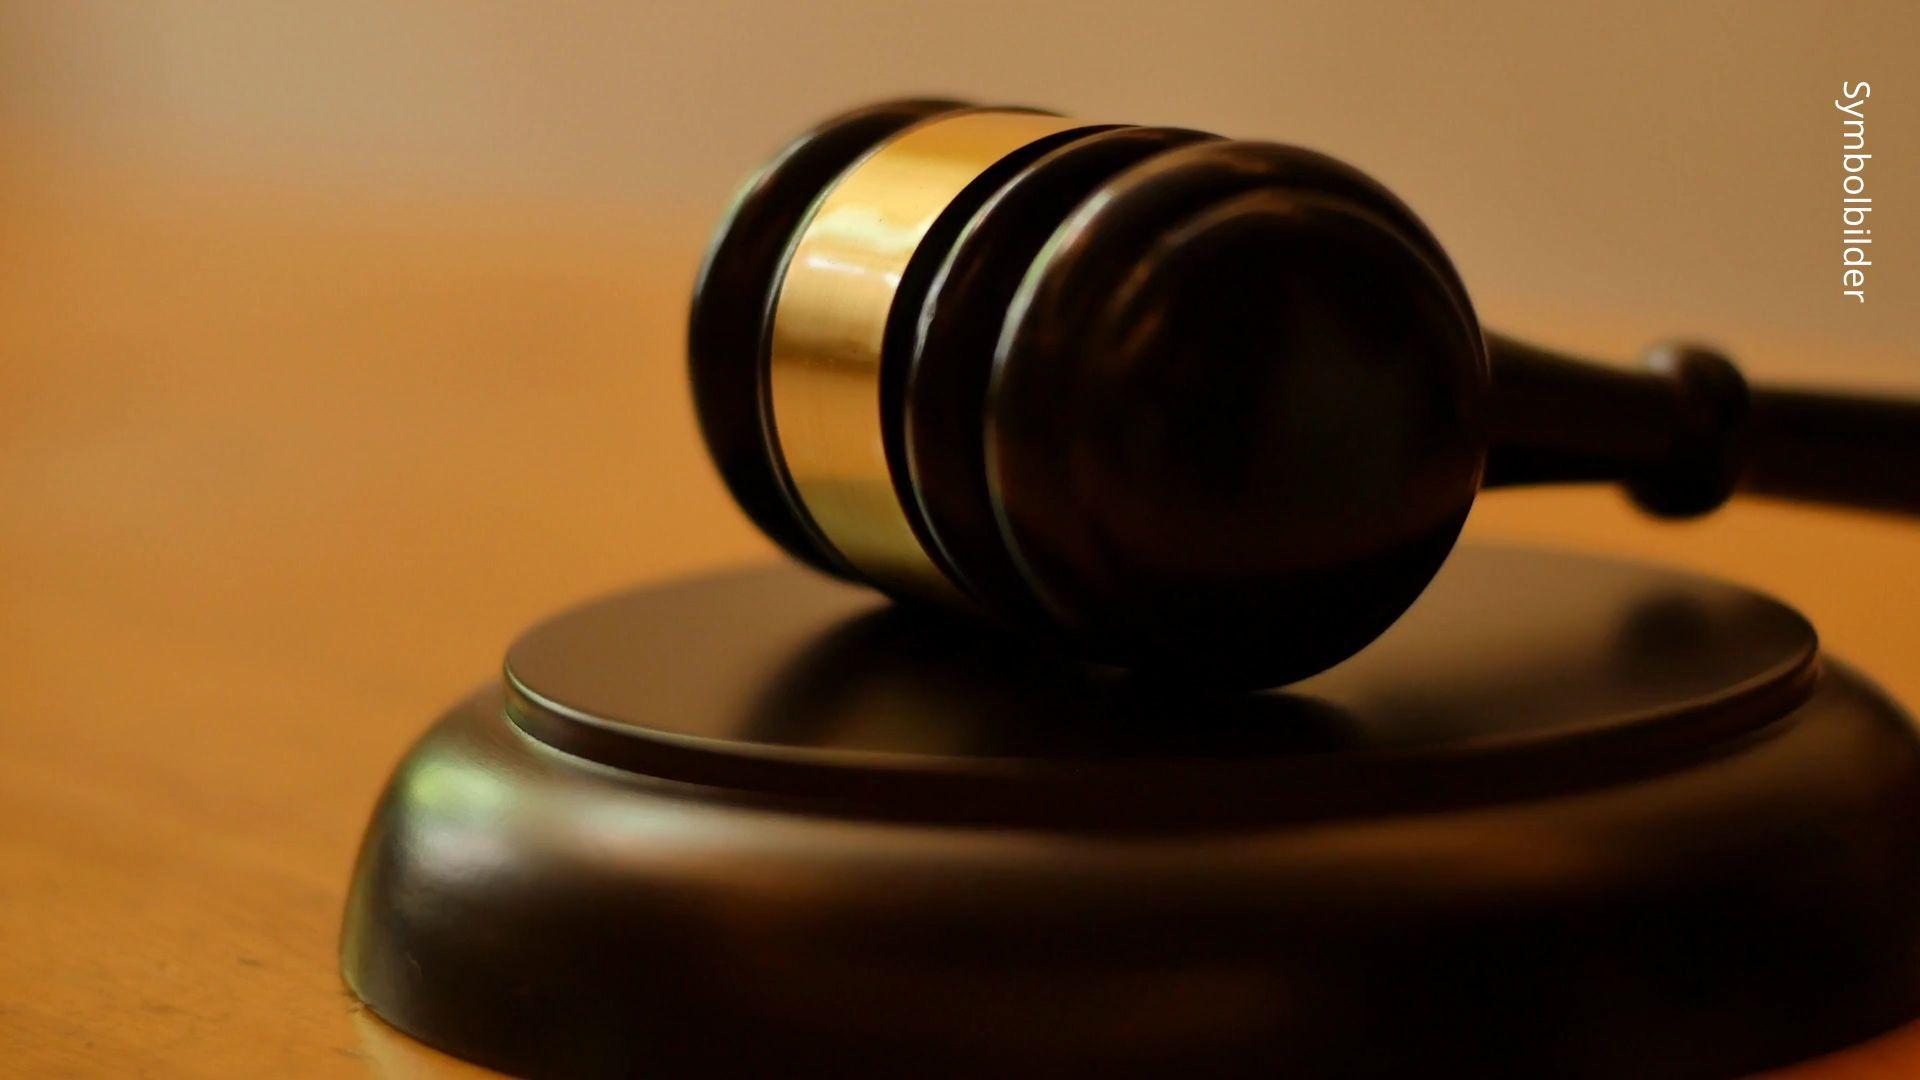 Urteil des BGH: Es winkt eine Erstattung der Bankgebühren